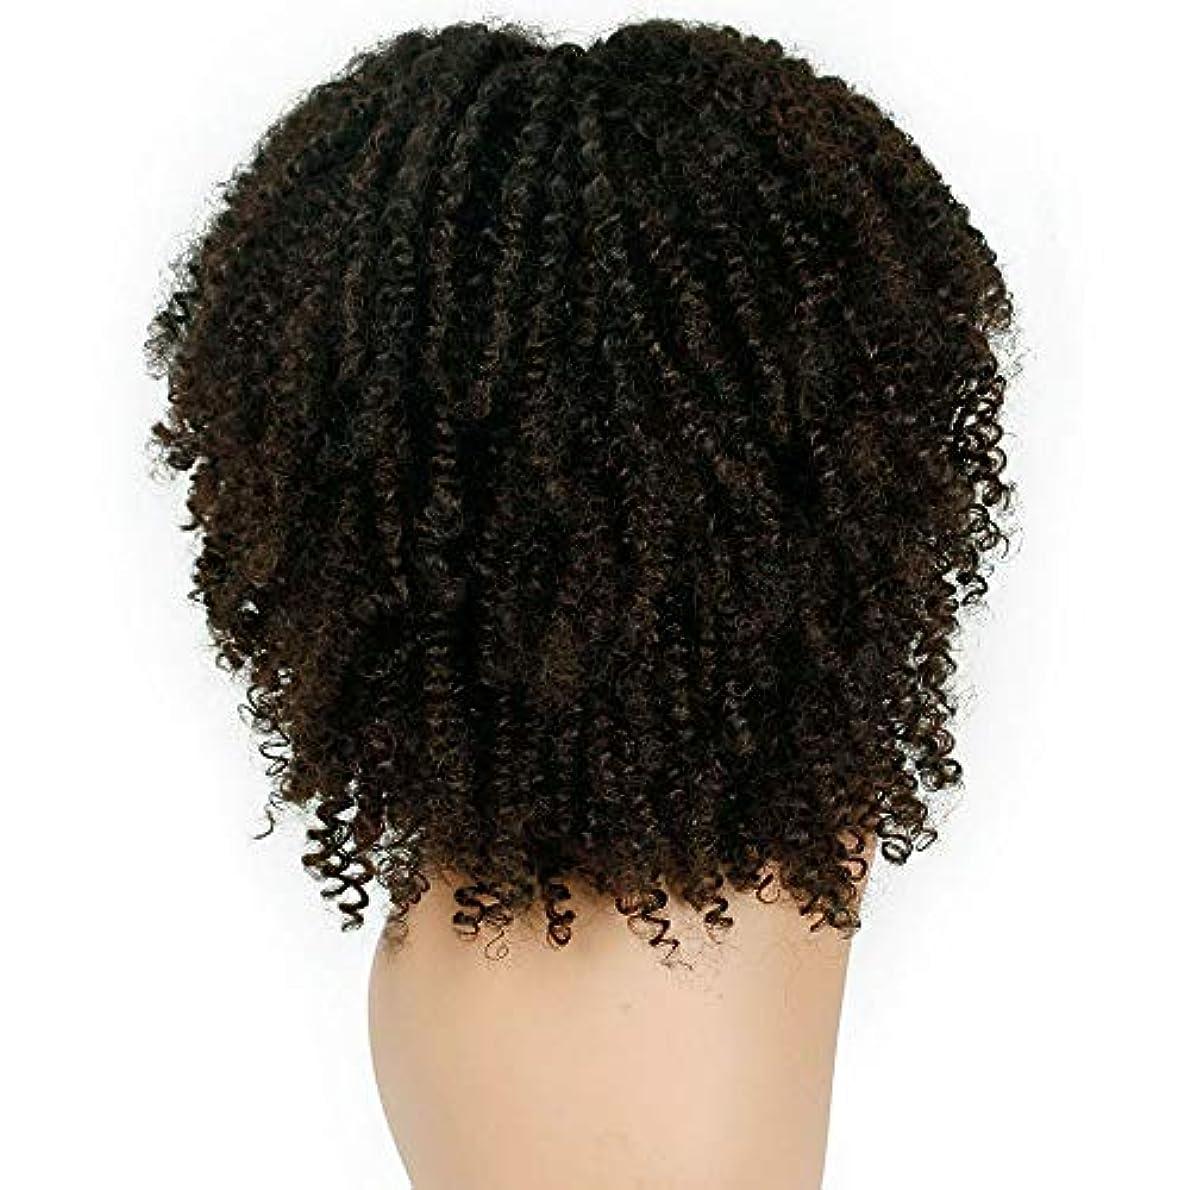 セントアーカイブスロット女性かつらふわふわ爆発ヘッド巻き毛化学繊維かつら38 cm